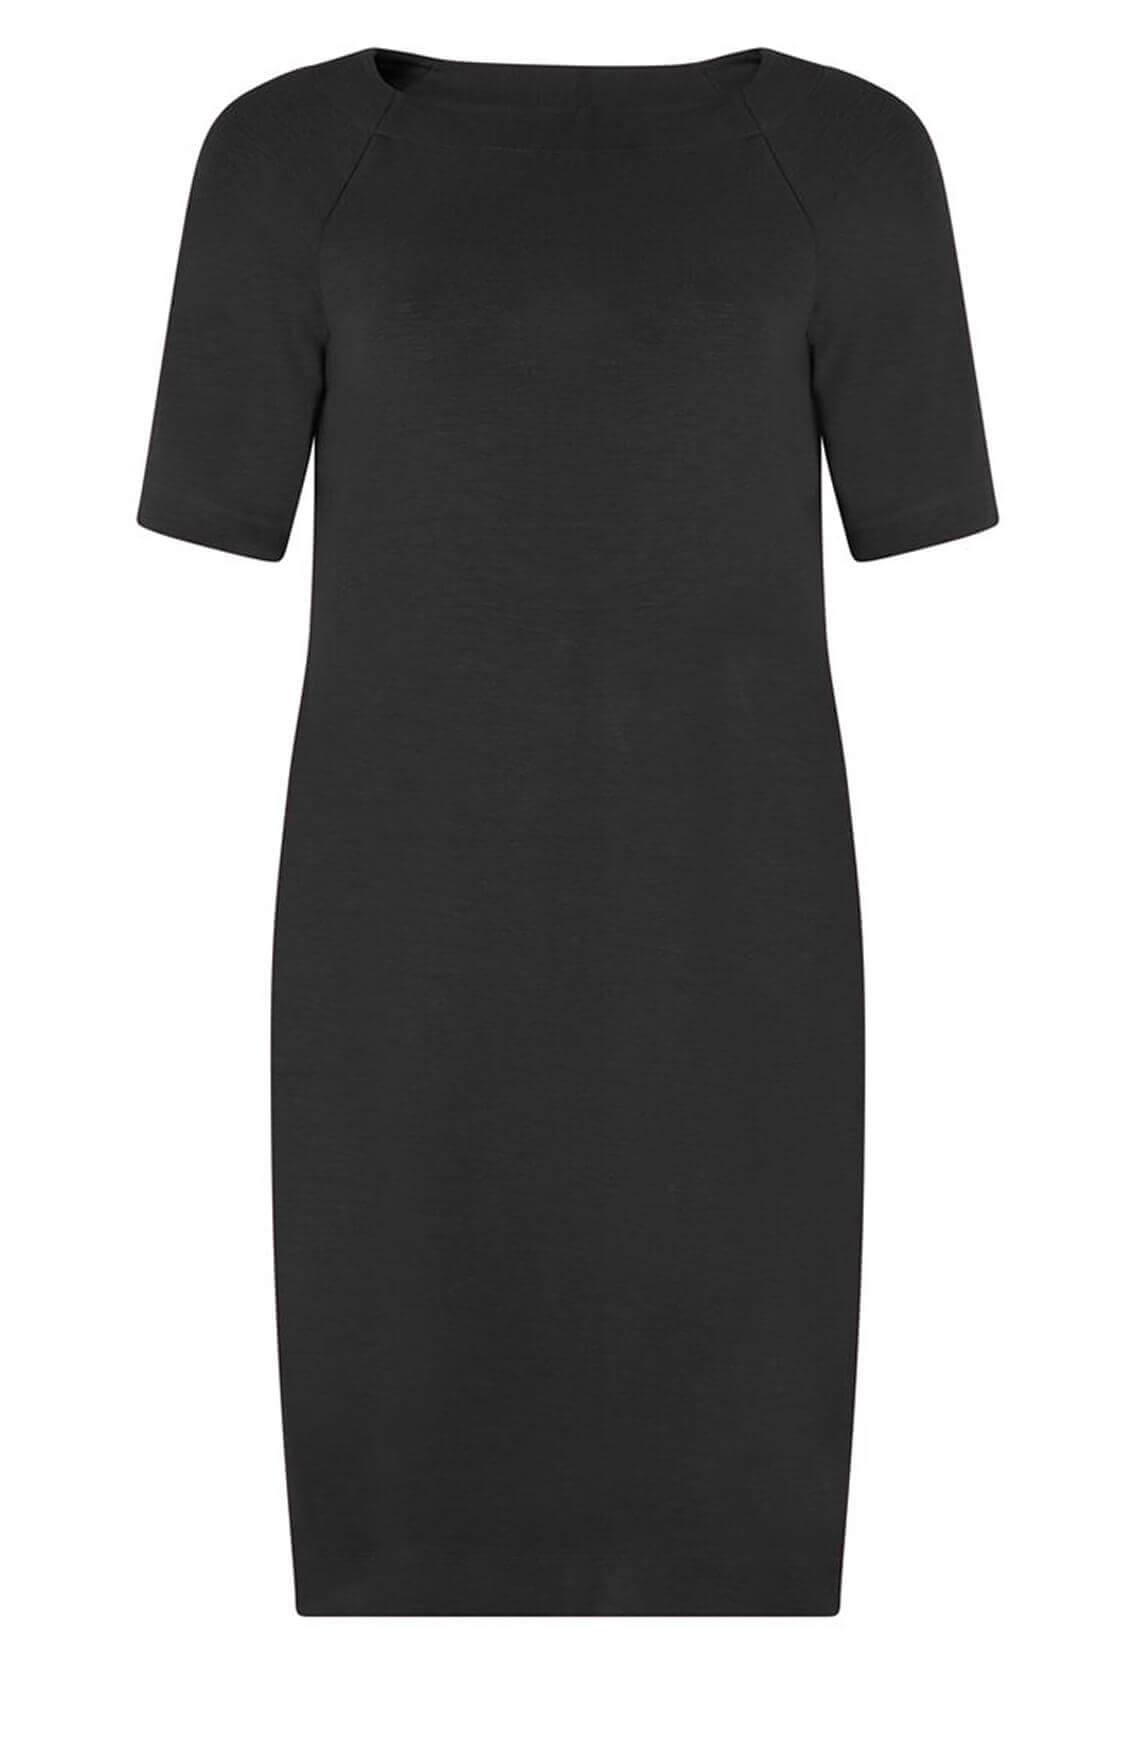 Kyra & Ko Dames Berry jurk Zwart